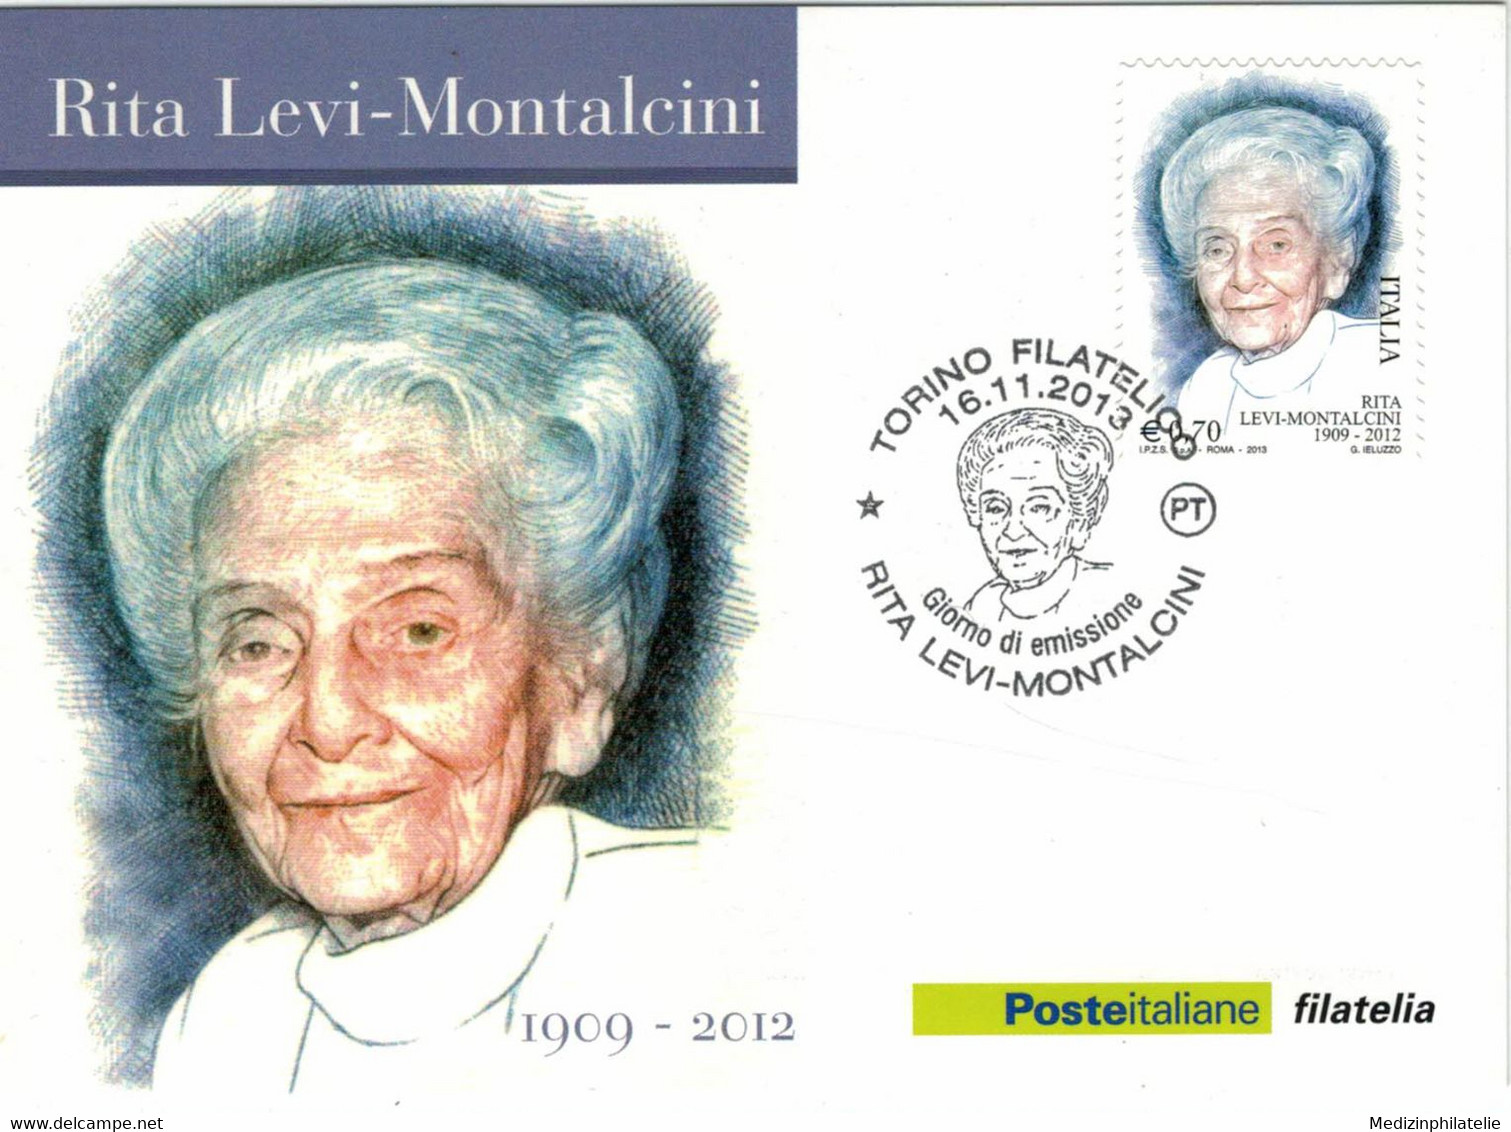 Rita Levi-Montalcini War Eine Italienische Medizinerin Und Neurobiologin - Für Studien Zellwachstum NP - Turin 2013 - Medicina